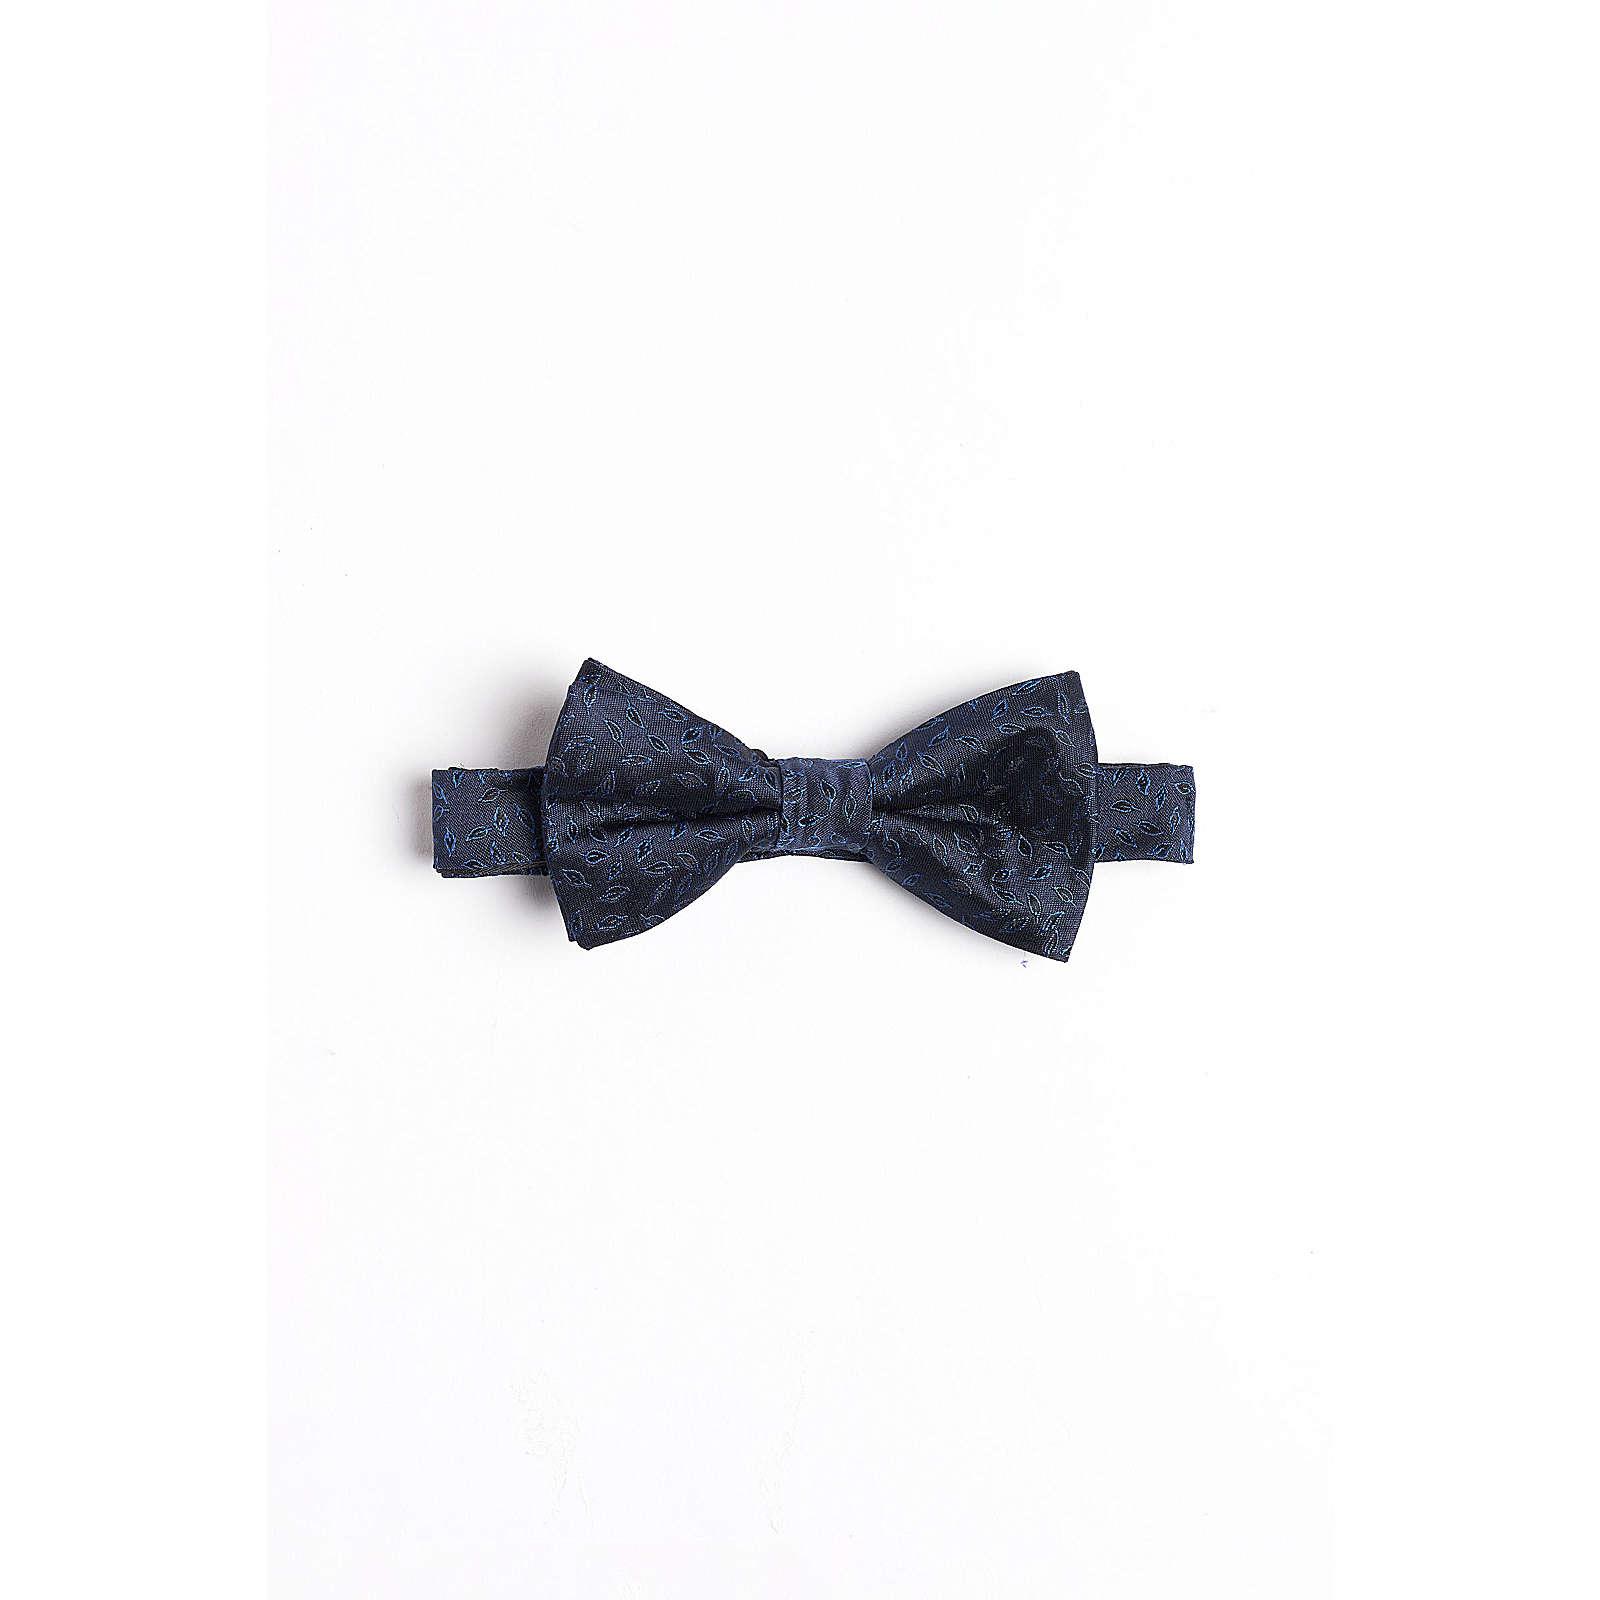 WE Fashion Herren-Seidenfliege mit Muster Krawatten blau Herren Gr. one size